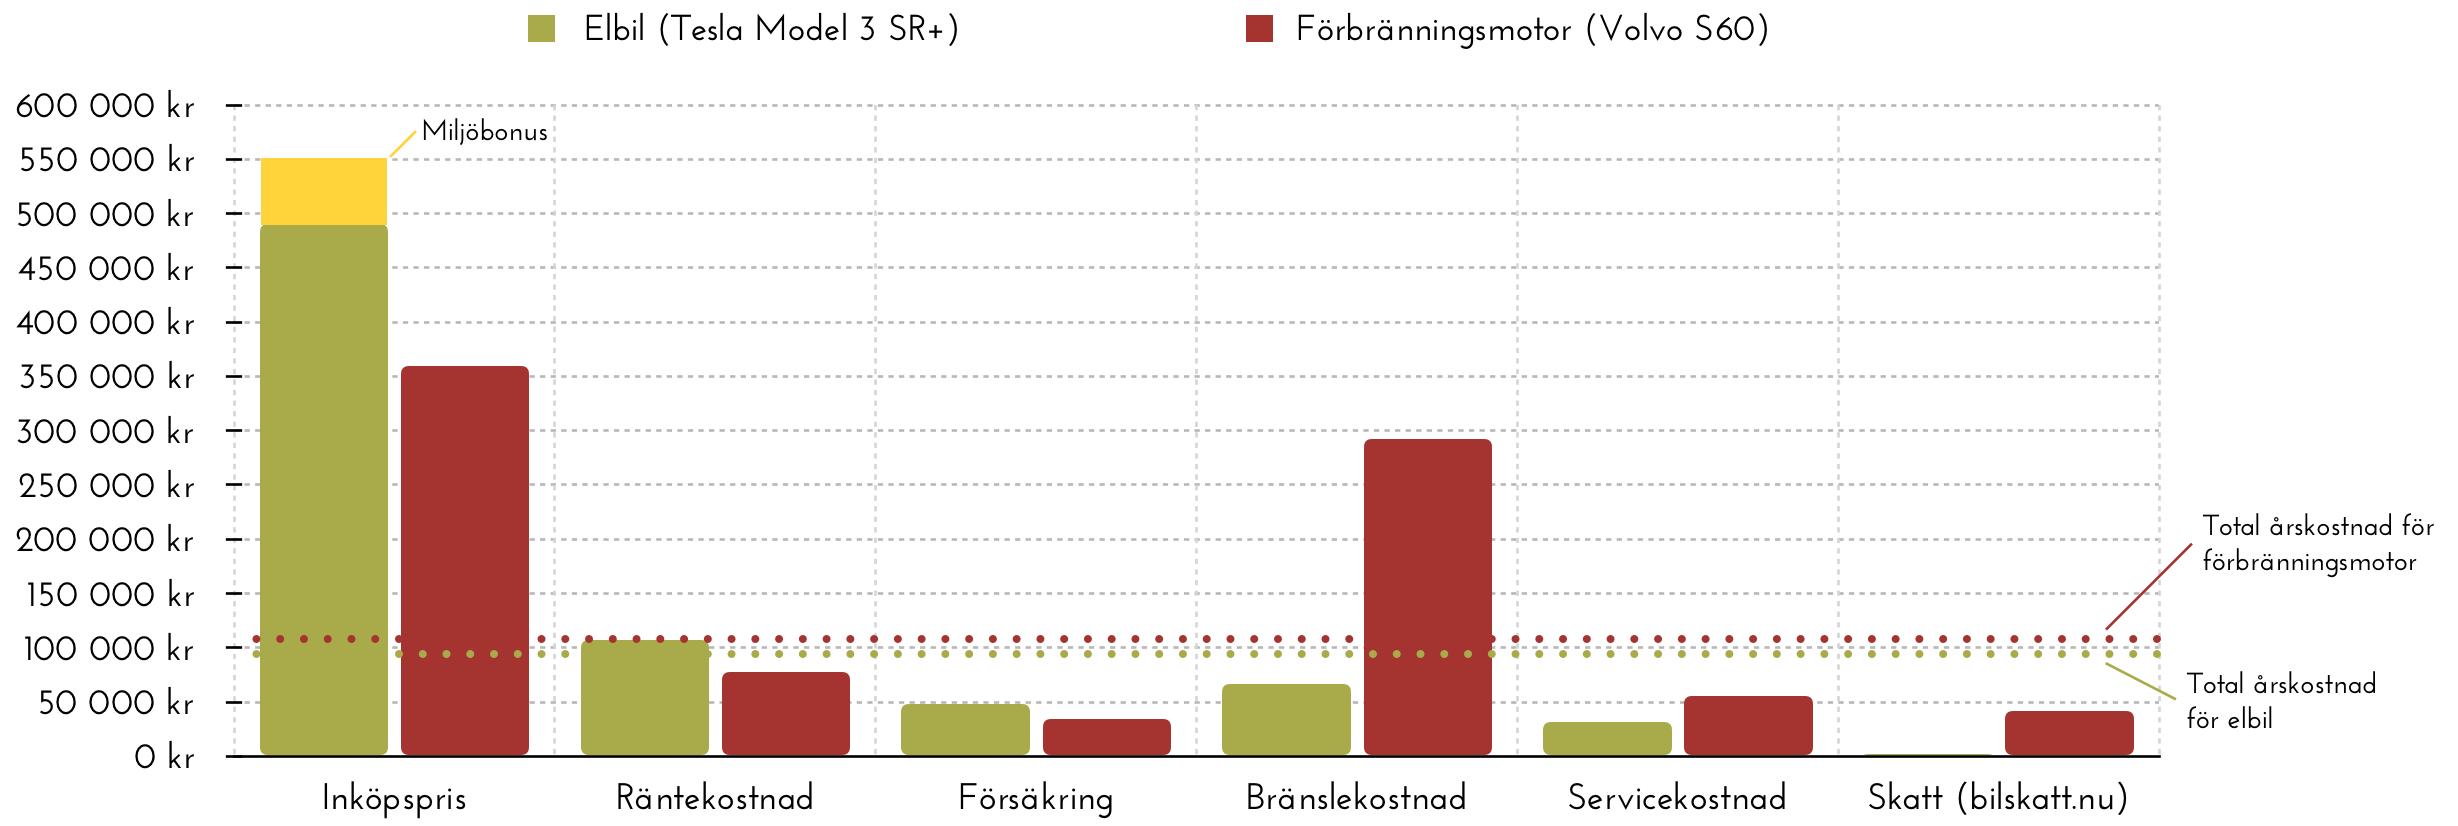 Totalkostnad för ägande av elbil respektive bil med förbränningsmotor